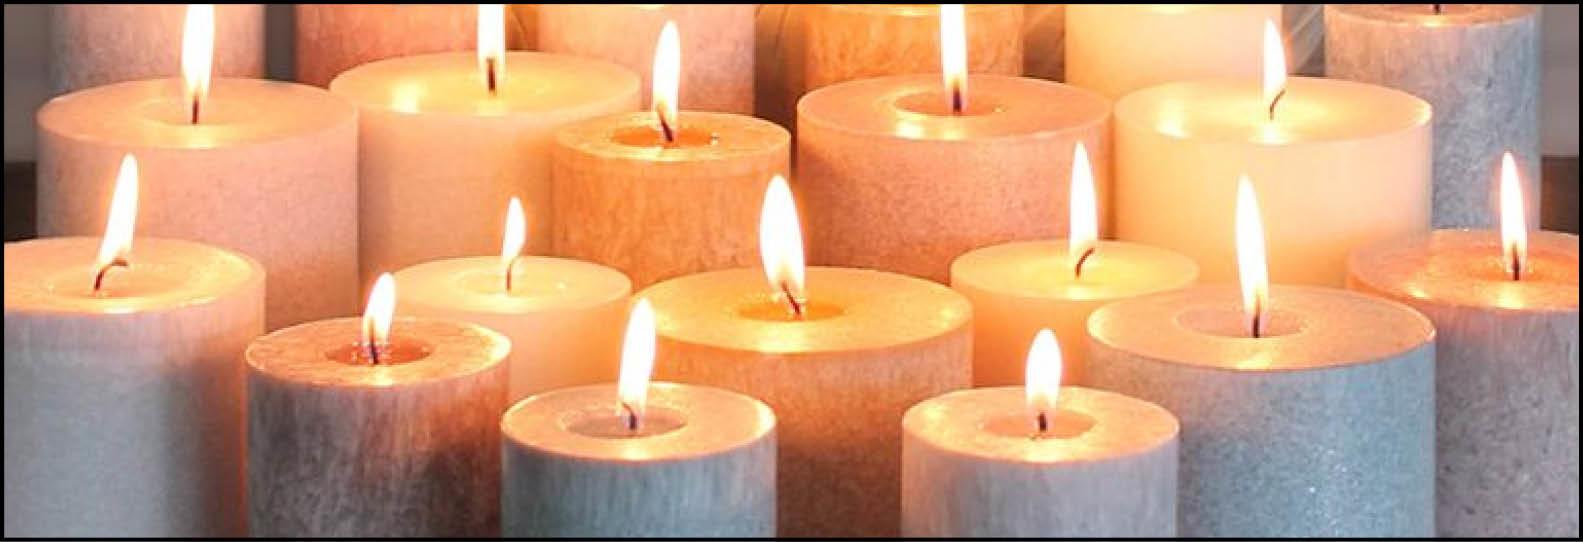 Kaarsen branden, is dat wel zo gezond?